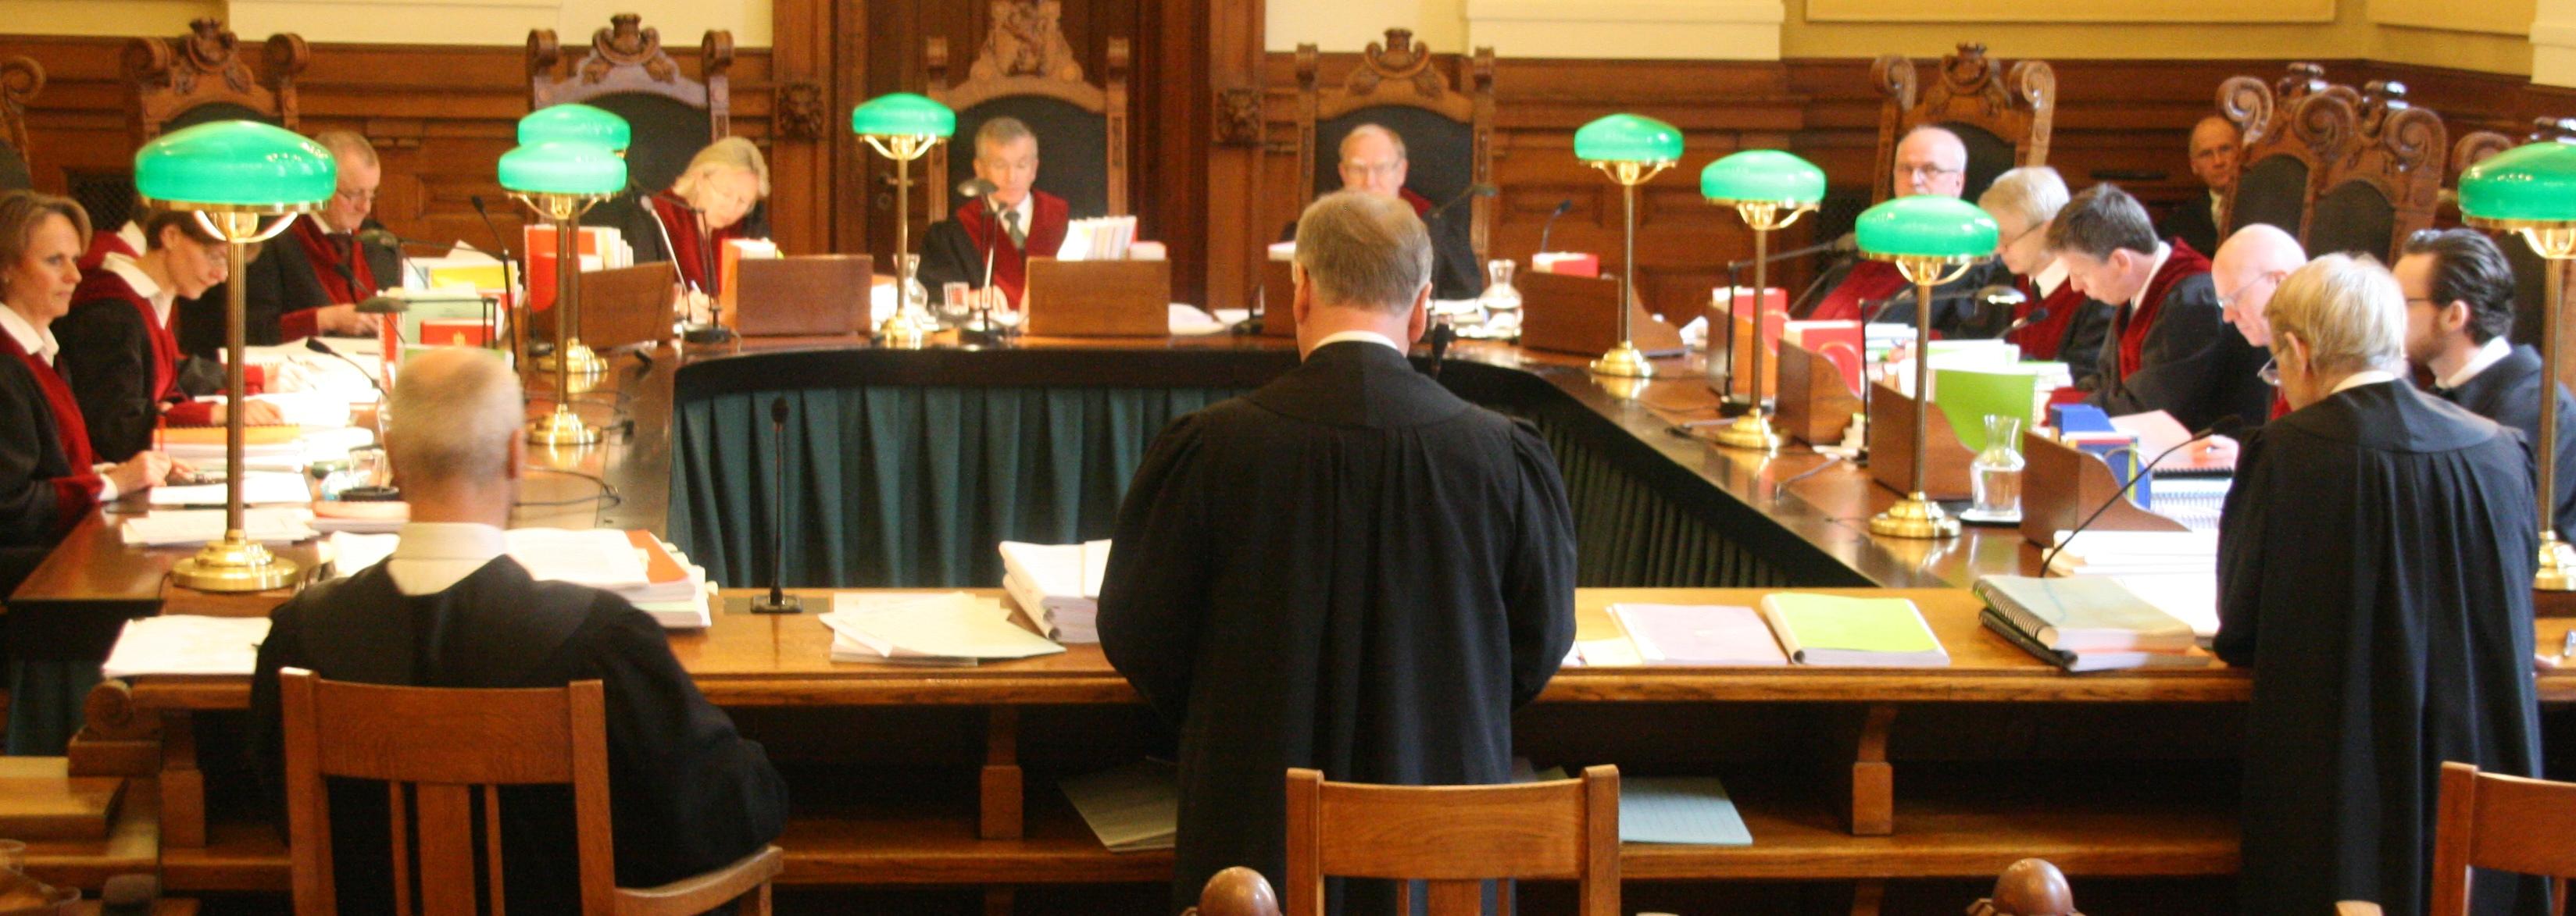 Anbud365: Høyesterett spør Gir ethvert regelbrudd grunnlag for erstatning